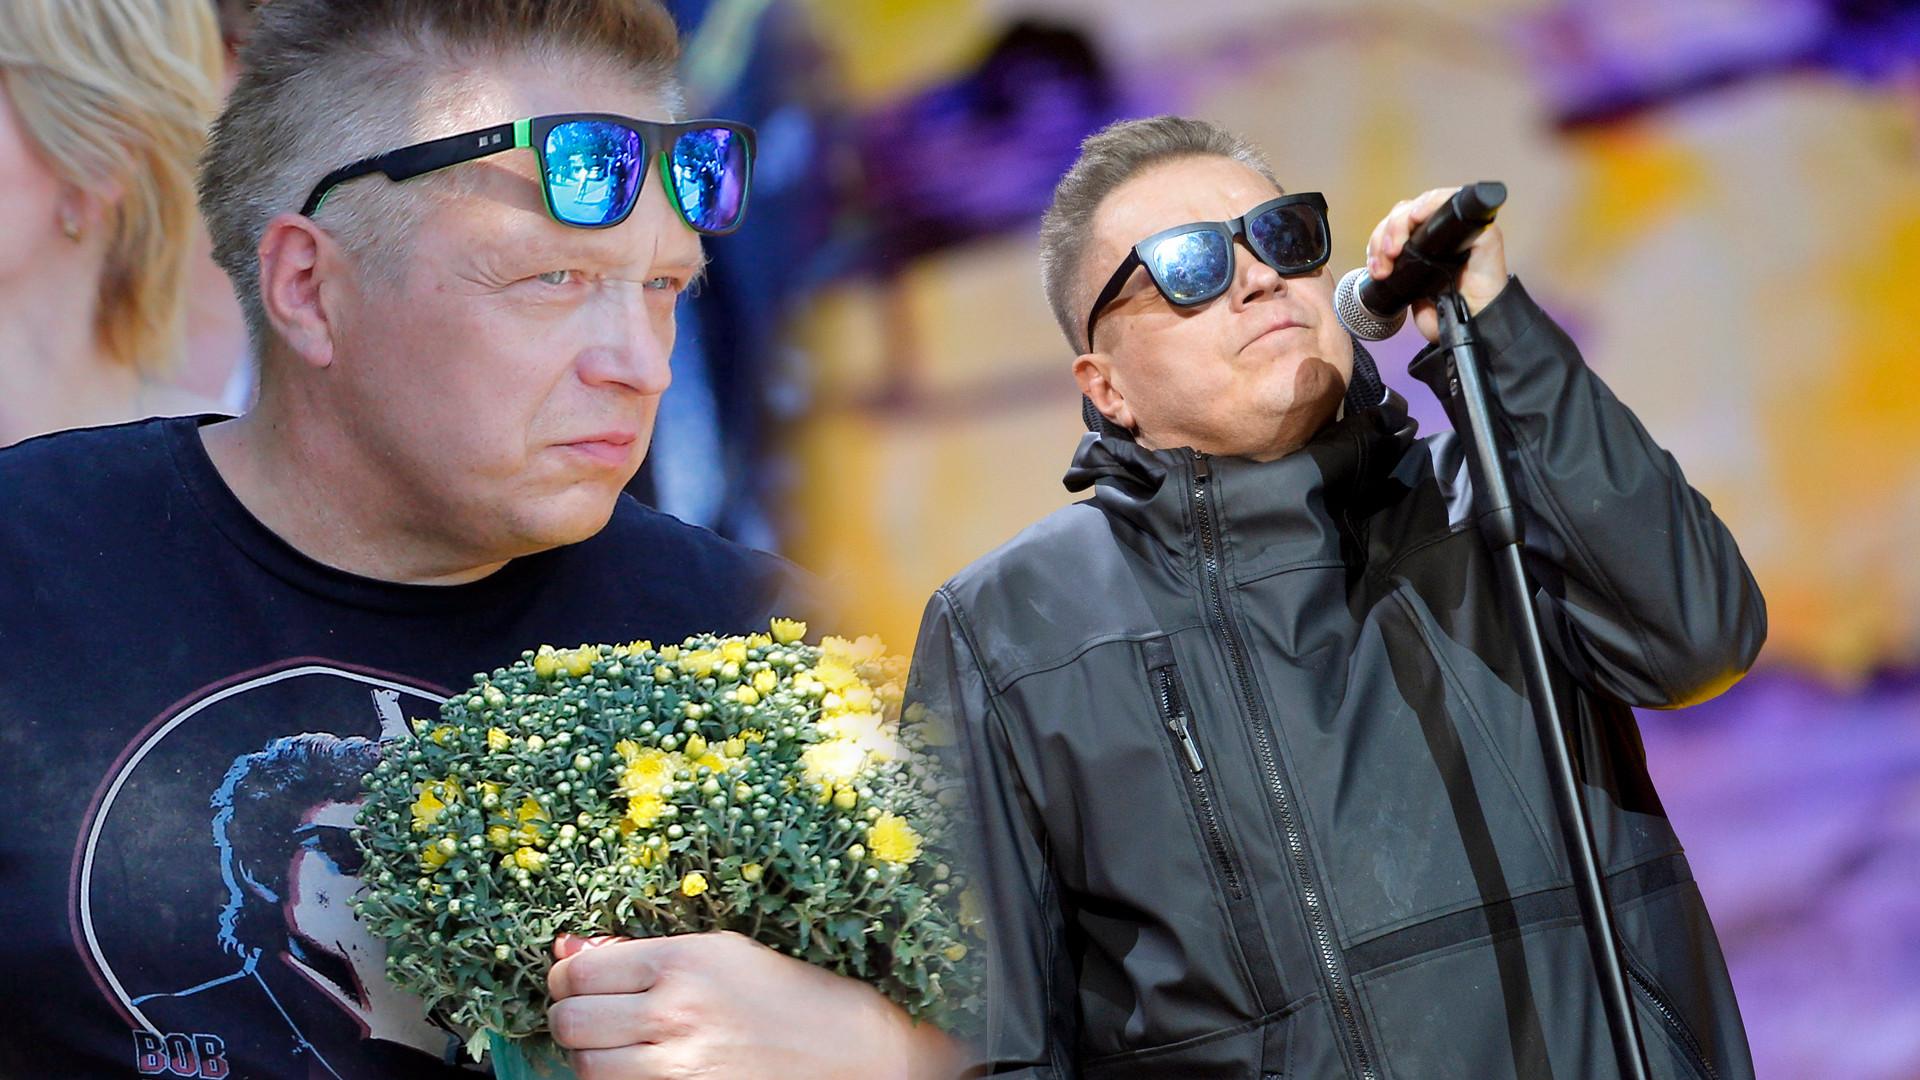 Muniek Staszczyk trafił do szpitala! Oficjalna informacja pojawiła się na Facebooku